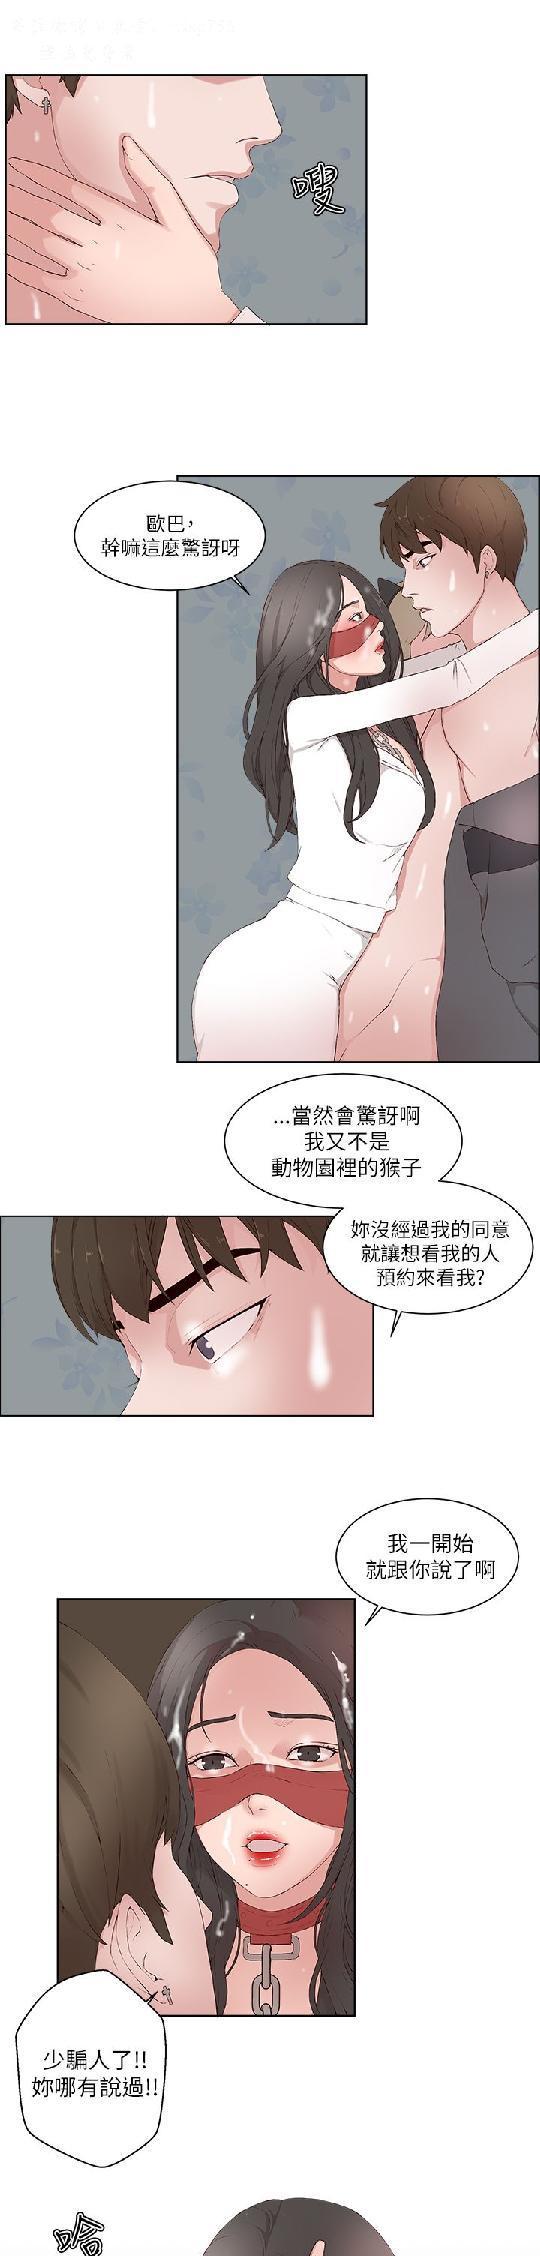 私生,爱到疯狂 完结 507